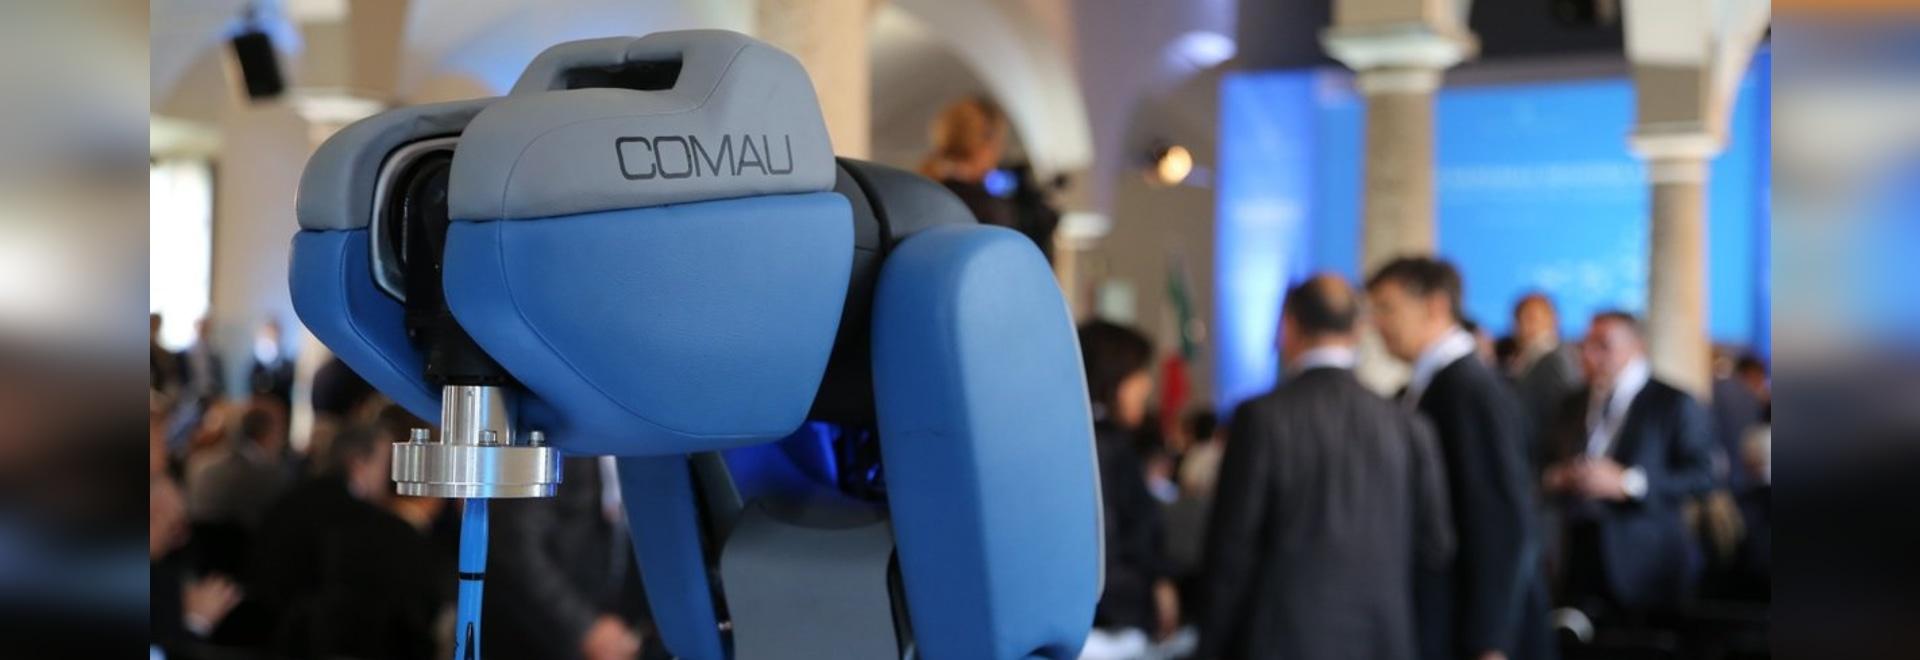 Comau: 2000-2020, 6 Evoluciones en Robótica